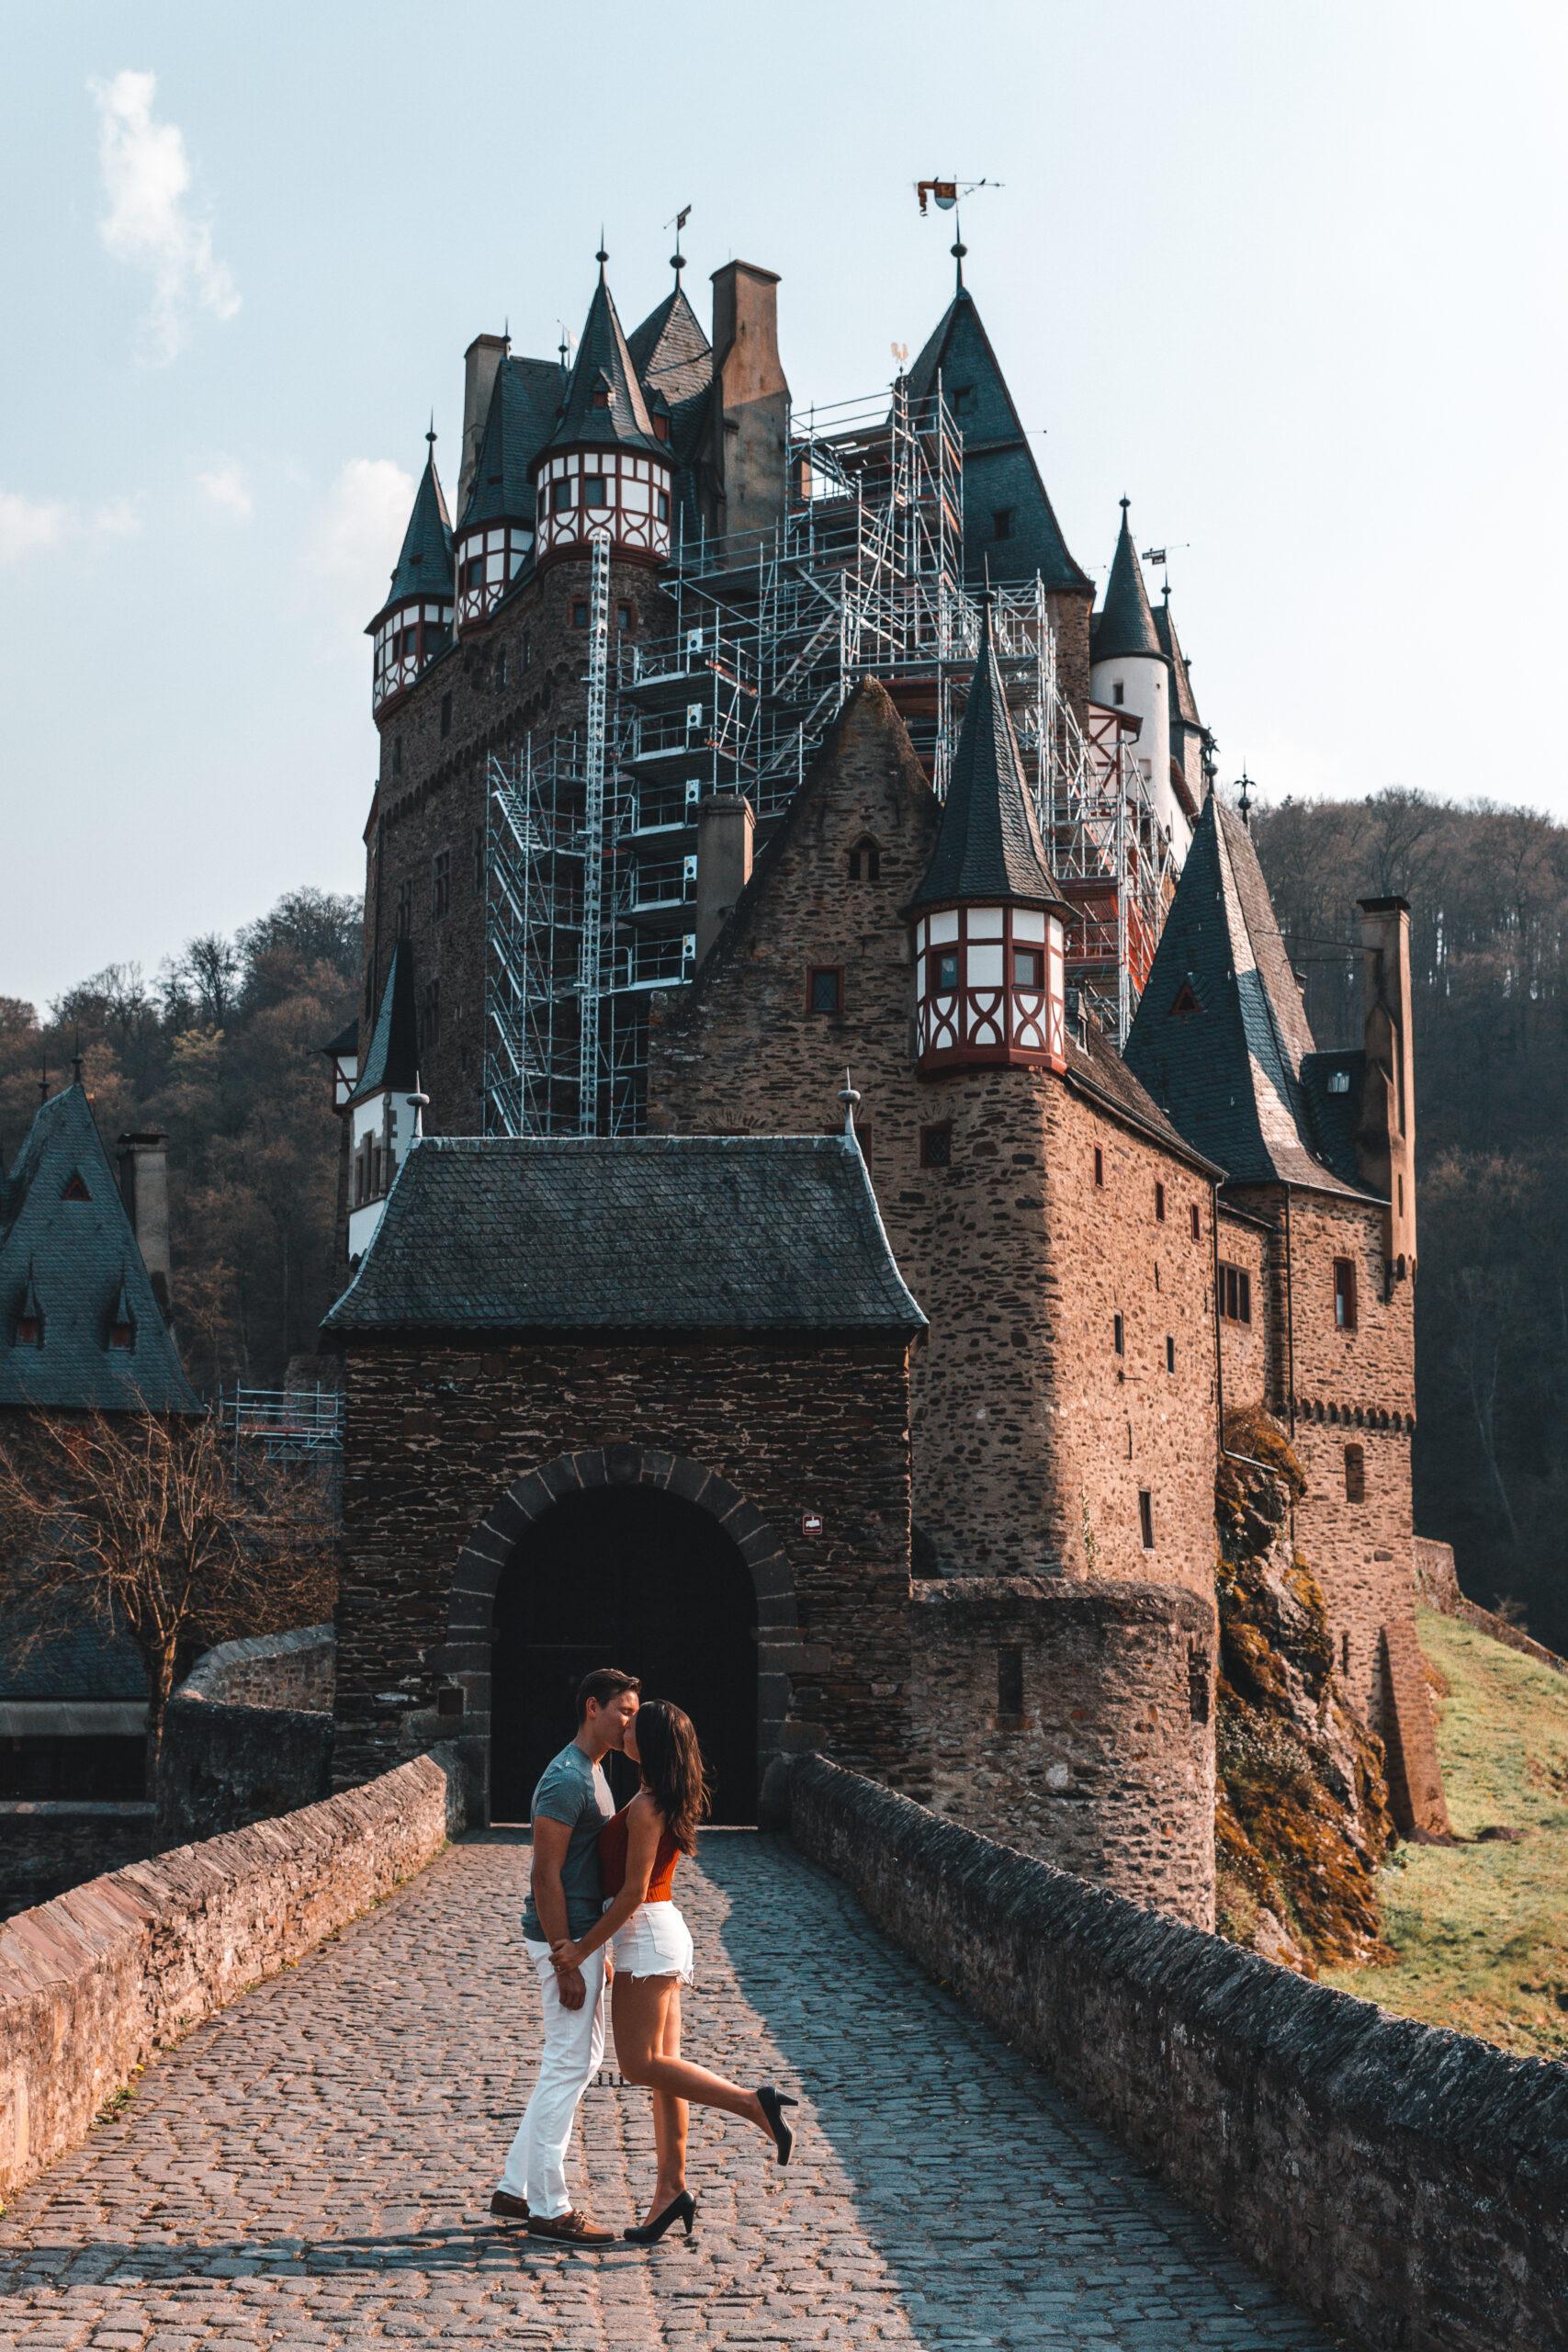 Burg Eltz in Wierschem Germany |Beautiful Castles in Germany